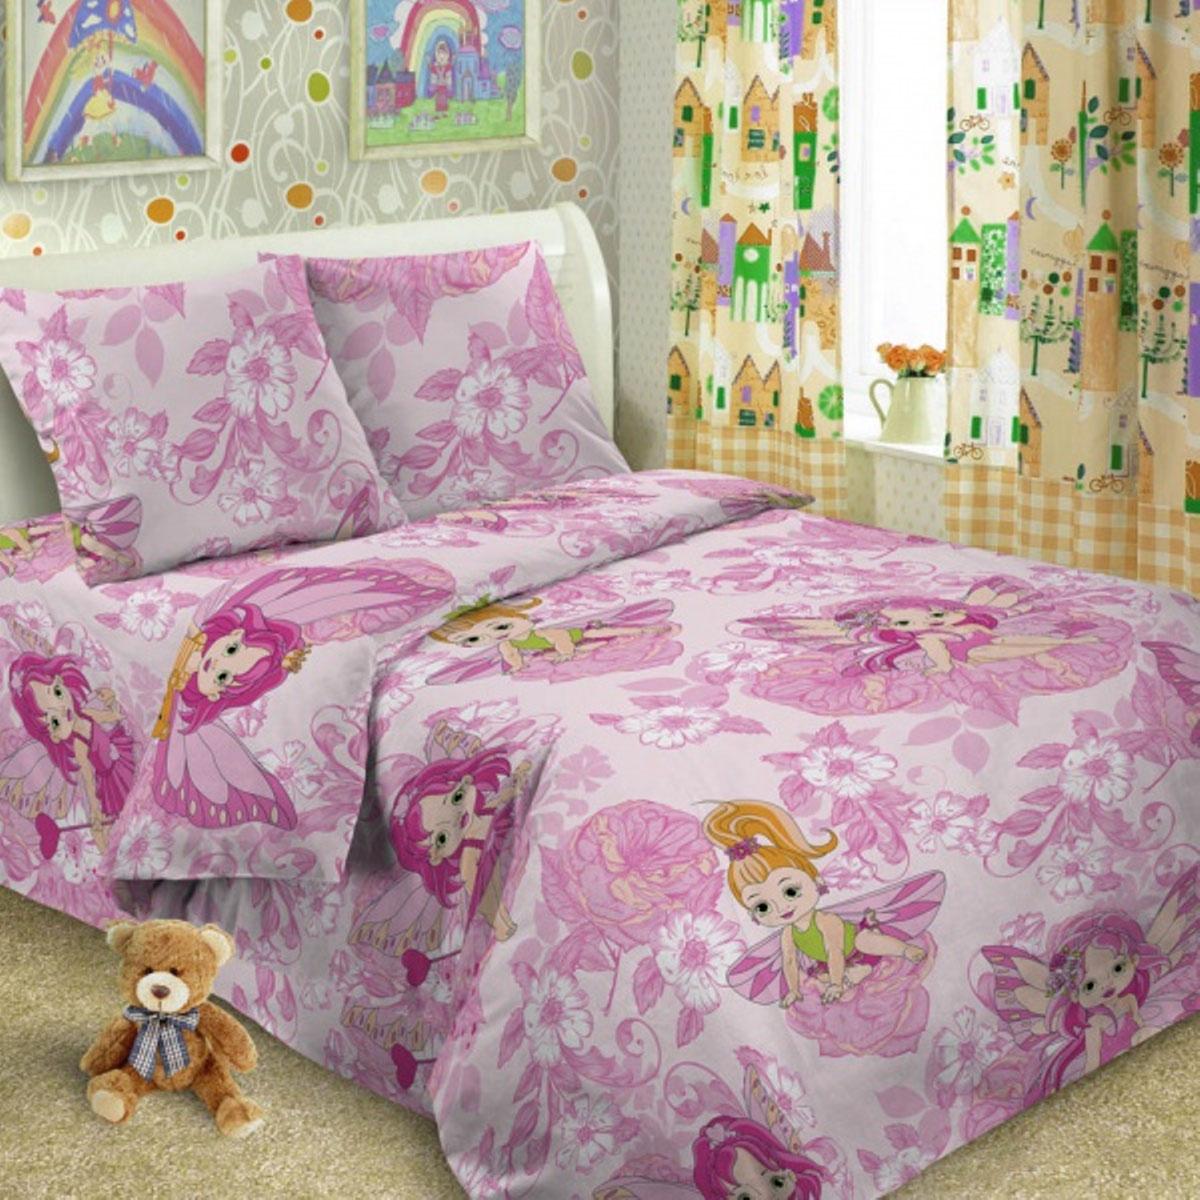 Комплект детского постельного белья Letto  Софи , 1,5 спальный, наволочка 50 x 70 см, цвет: фиолетовый -  Постельное белье